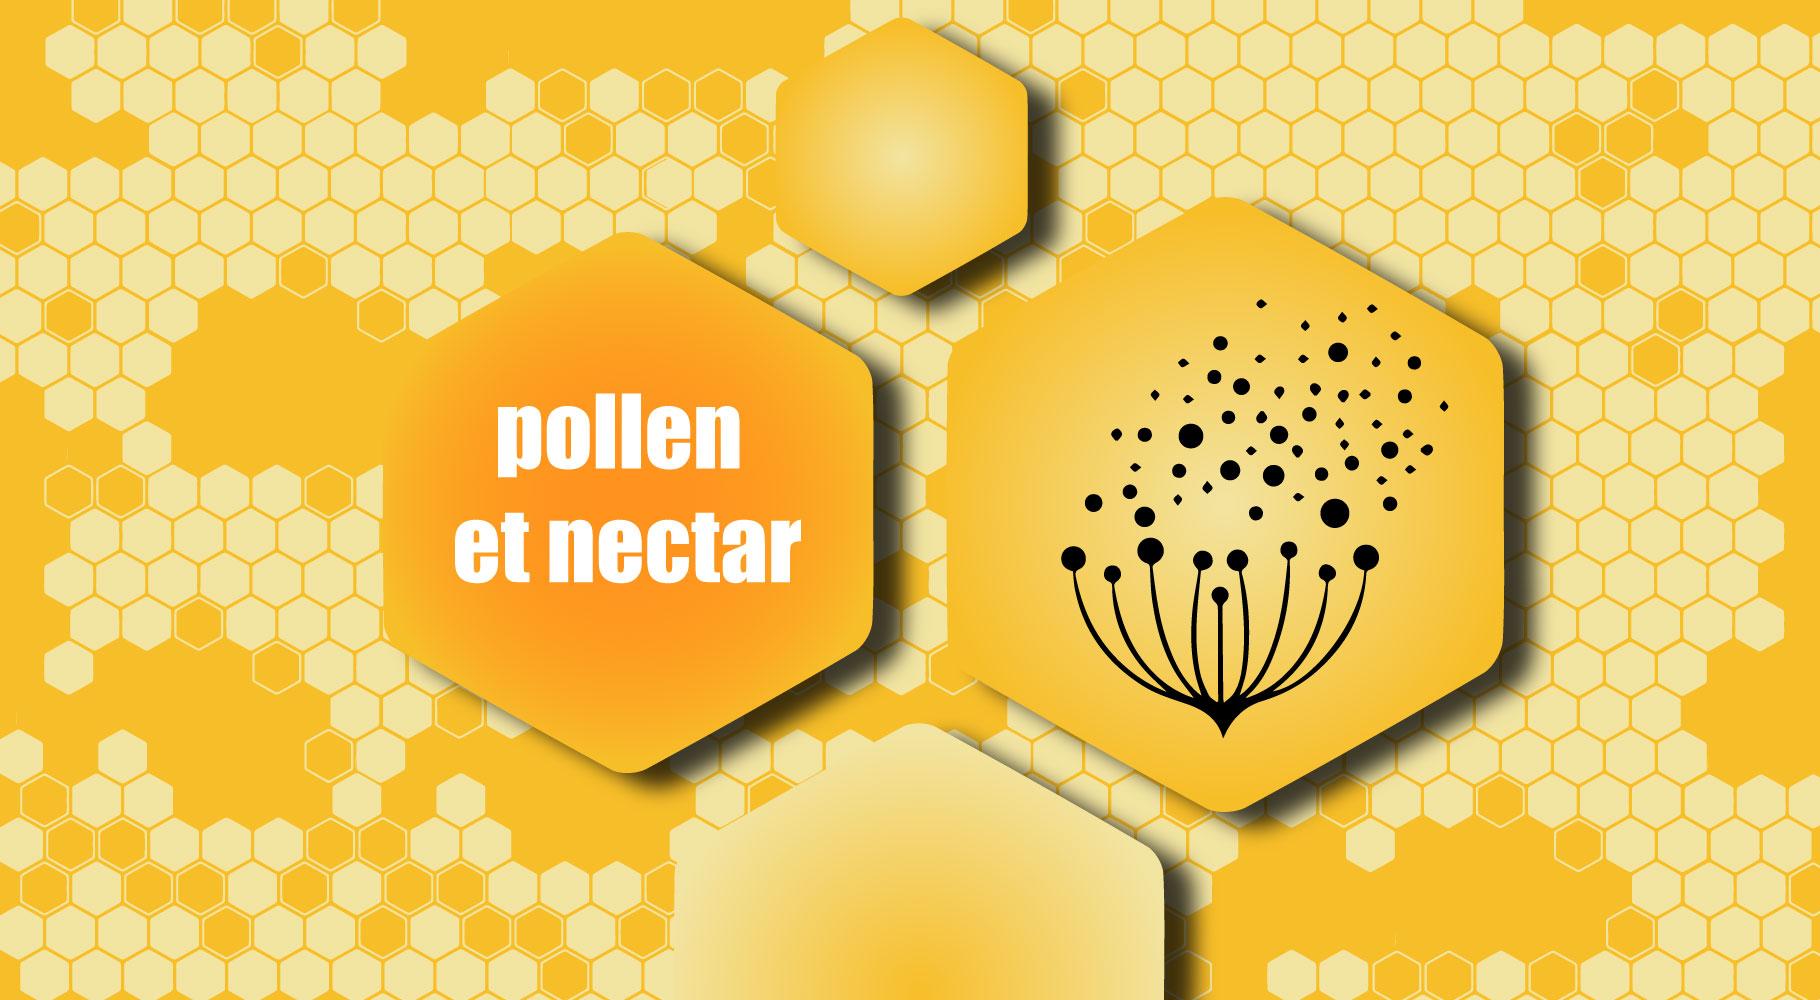 Pollen et nectar